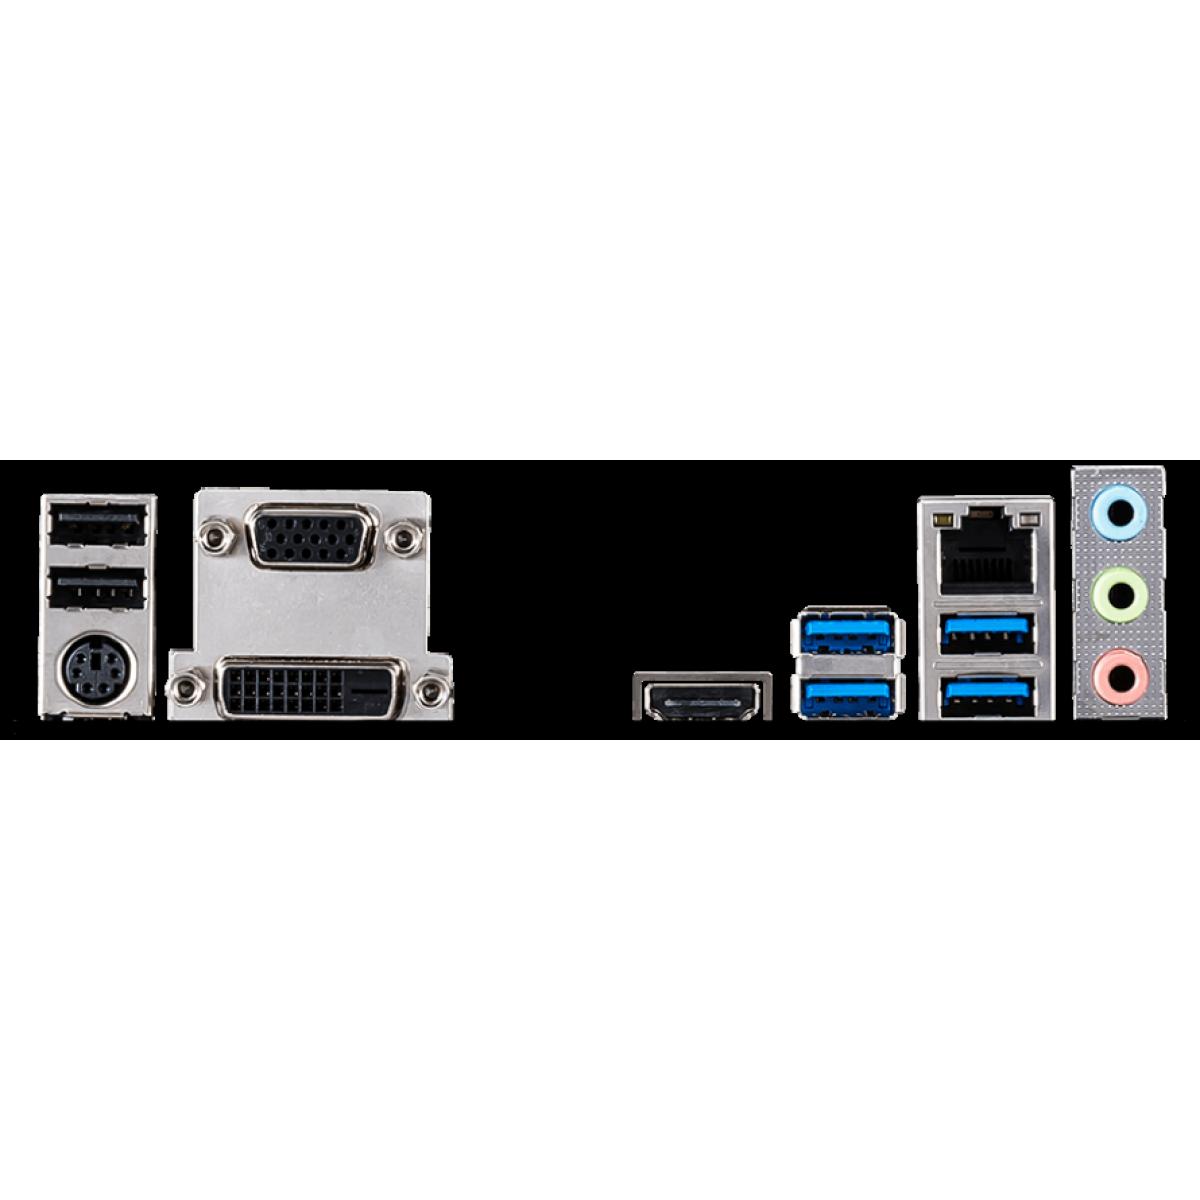 Placa Mãe MSI B460M PRO, Chipset B460M, INTEL LGA 1200, mATX, DDR4, 911-7C88-008